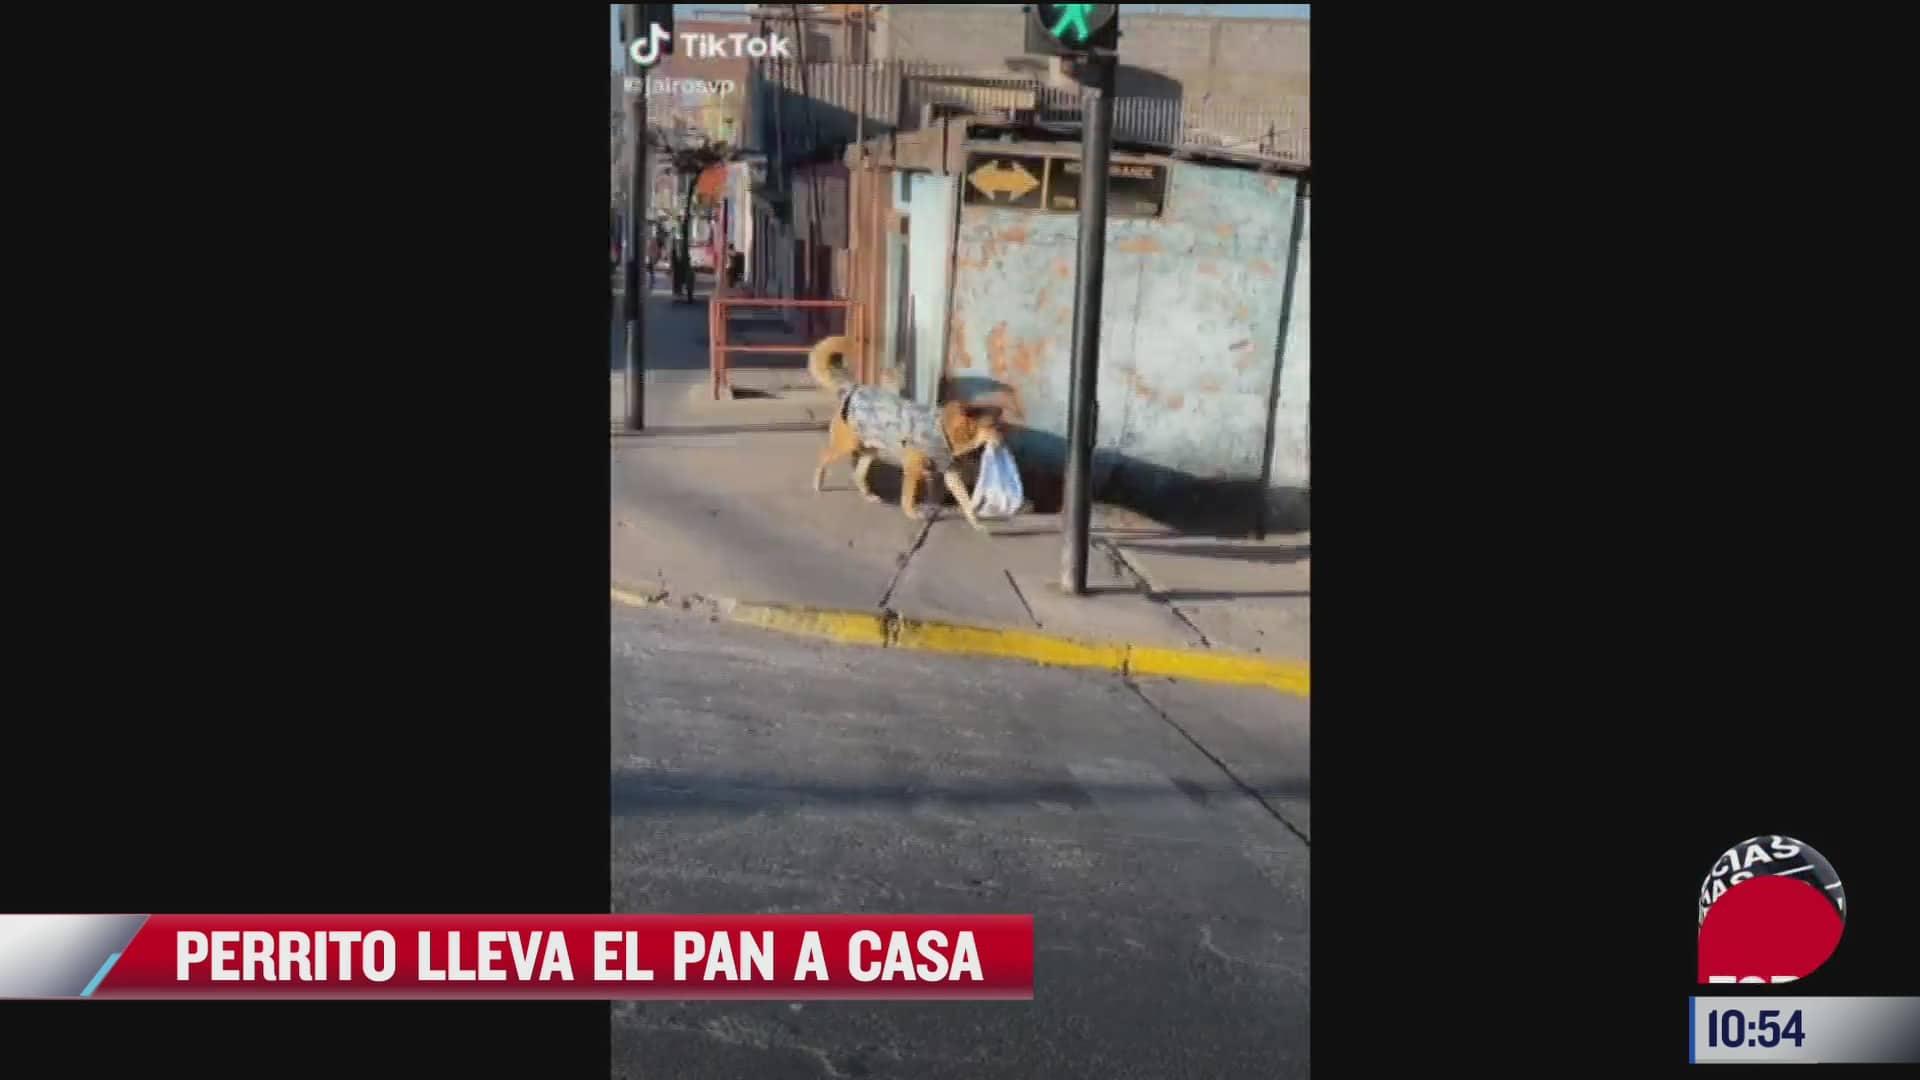 perrito lleva el pan a casa